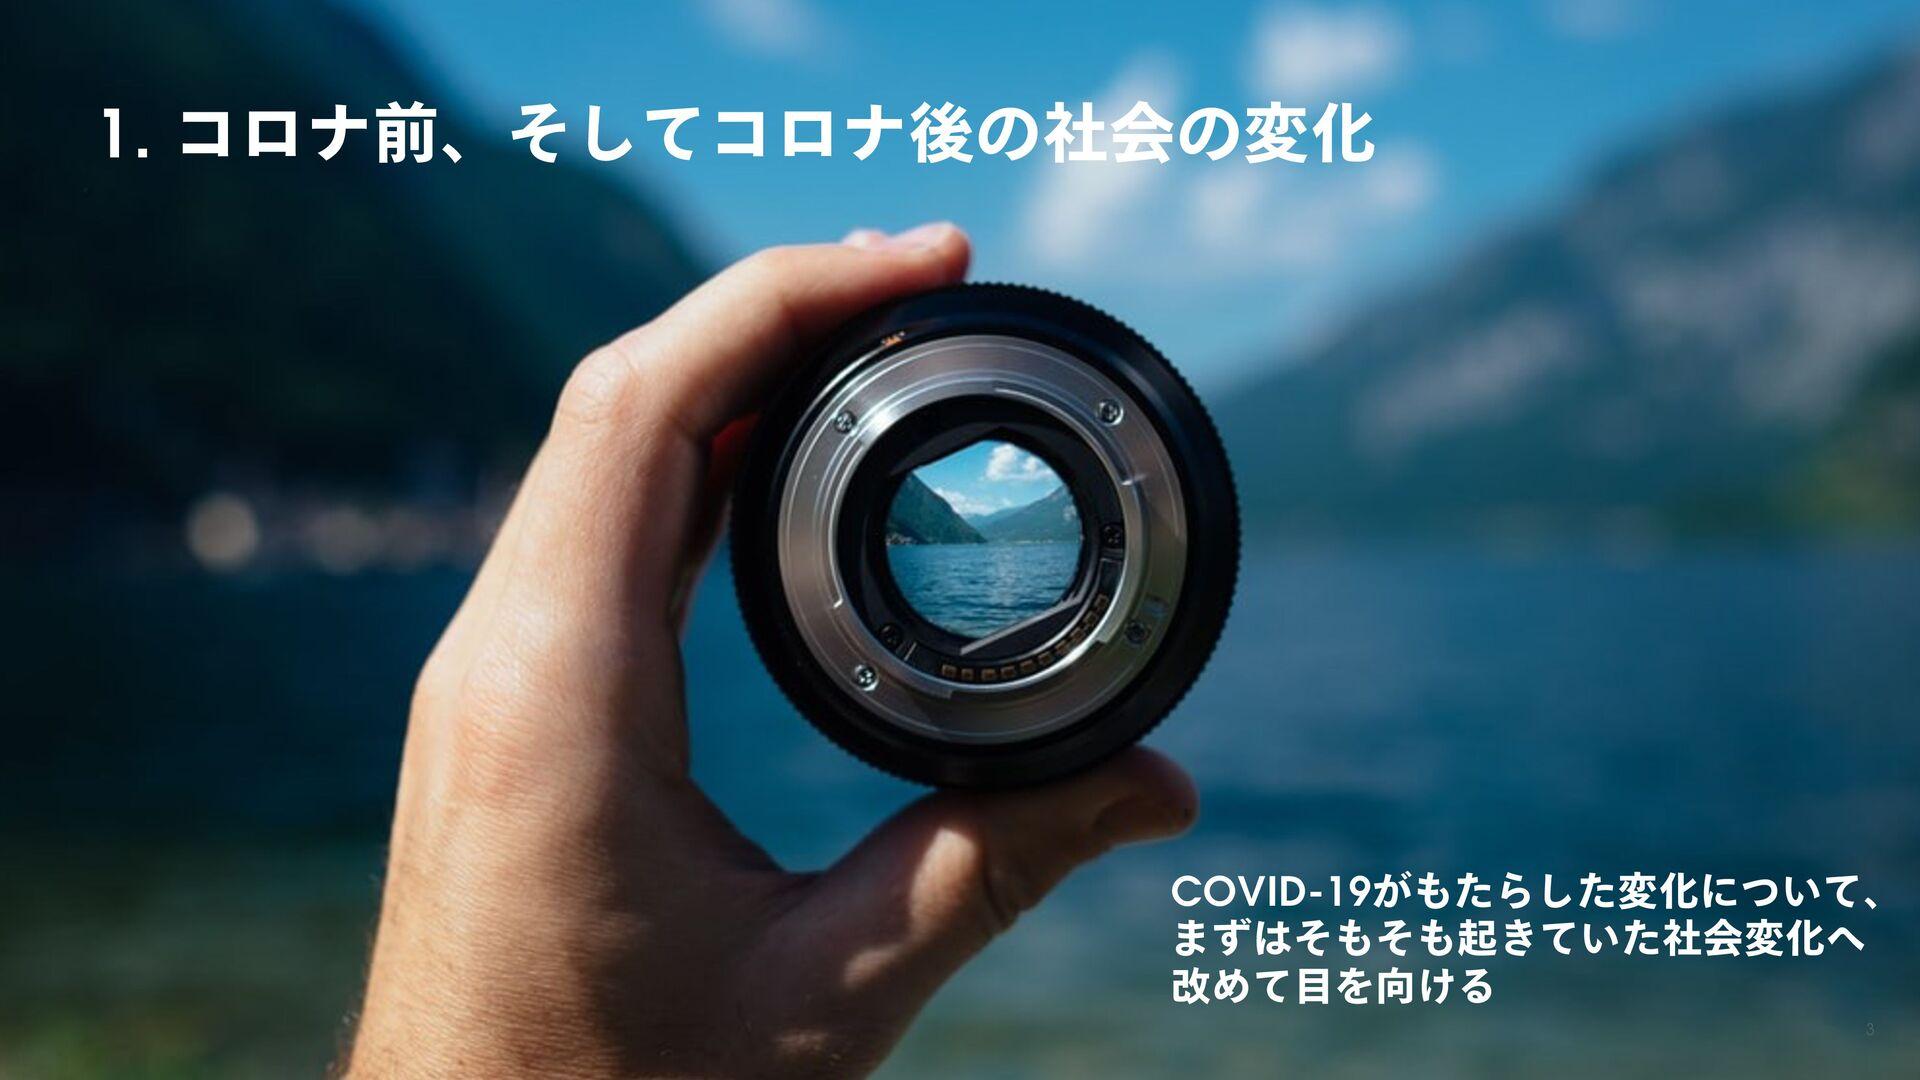 1. ίϩφલɺͦͯ͠ίϩφޙͷࣾձͷมԽ COVID-19͕ͨΒͨ͠มԽʹ͍ͭͯɺ ·ͣ...